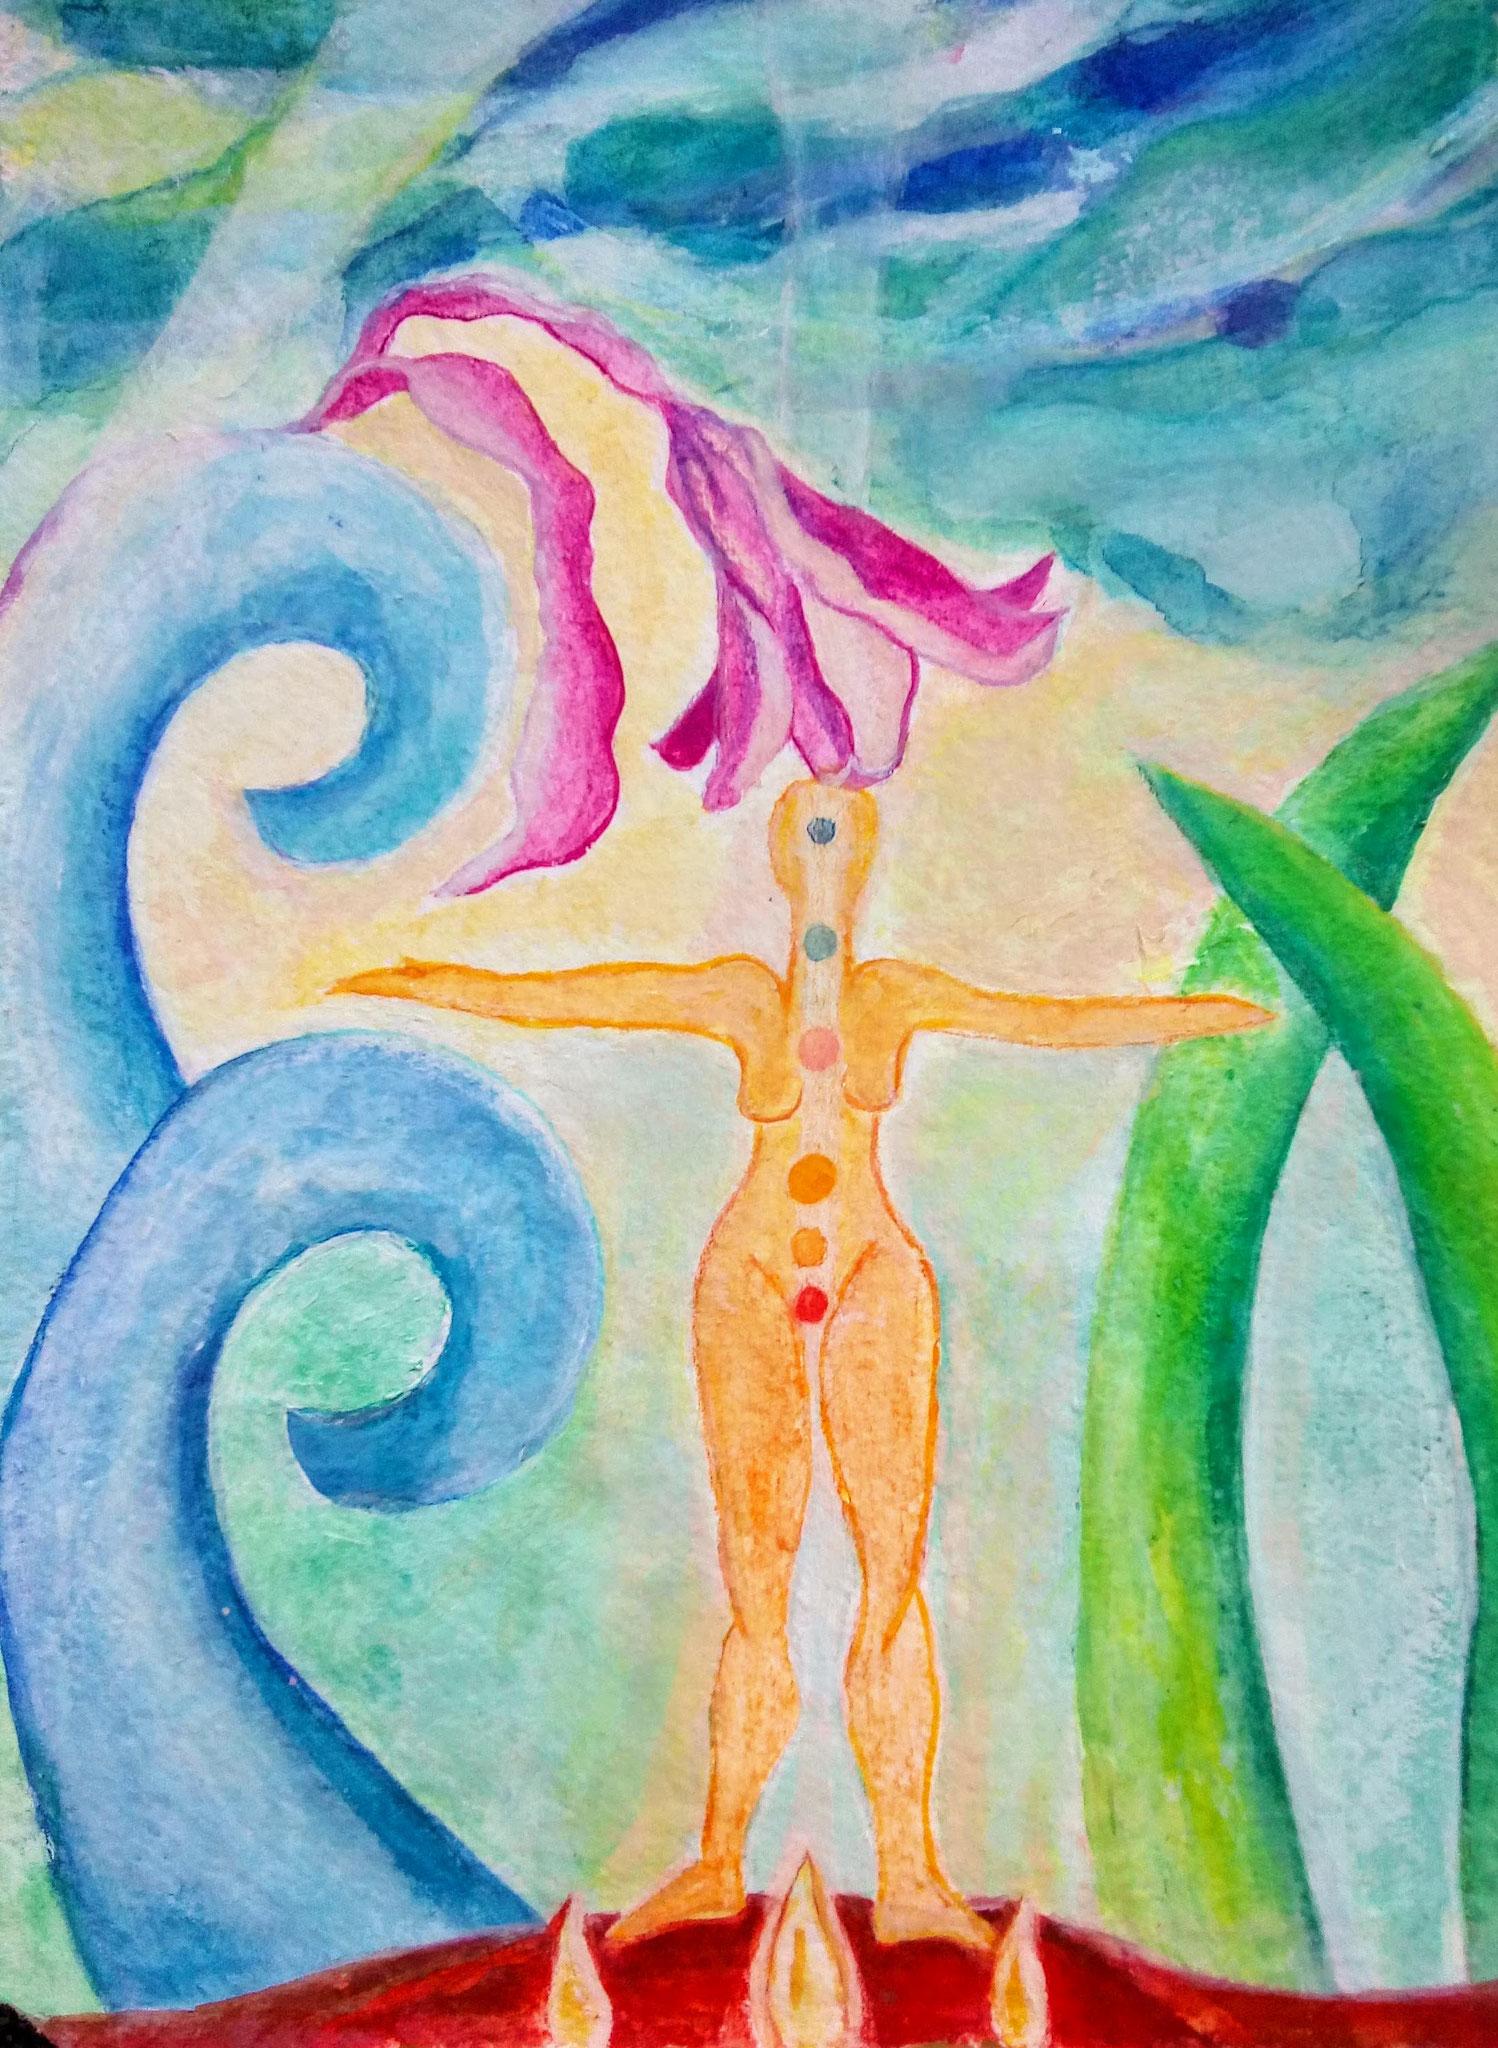 Frau mit Lilie,  Aquarell auf geschöpftem Papier,  30 x 40